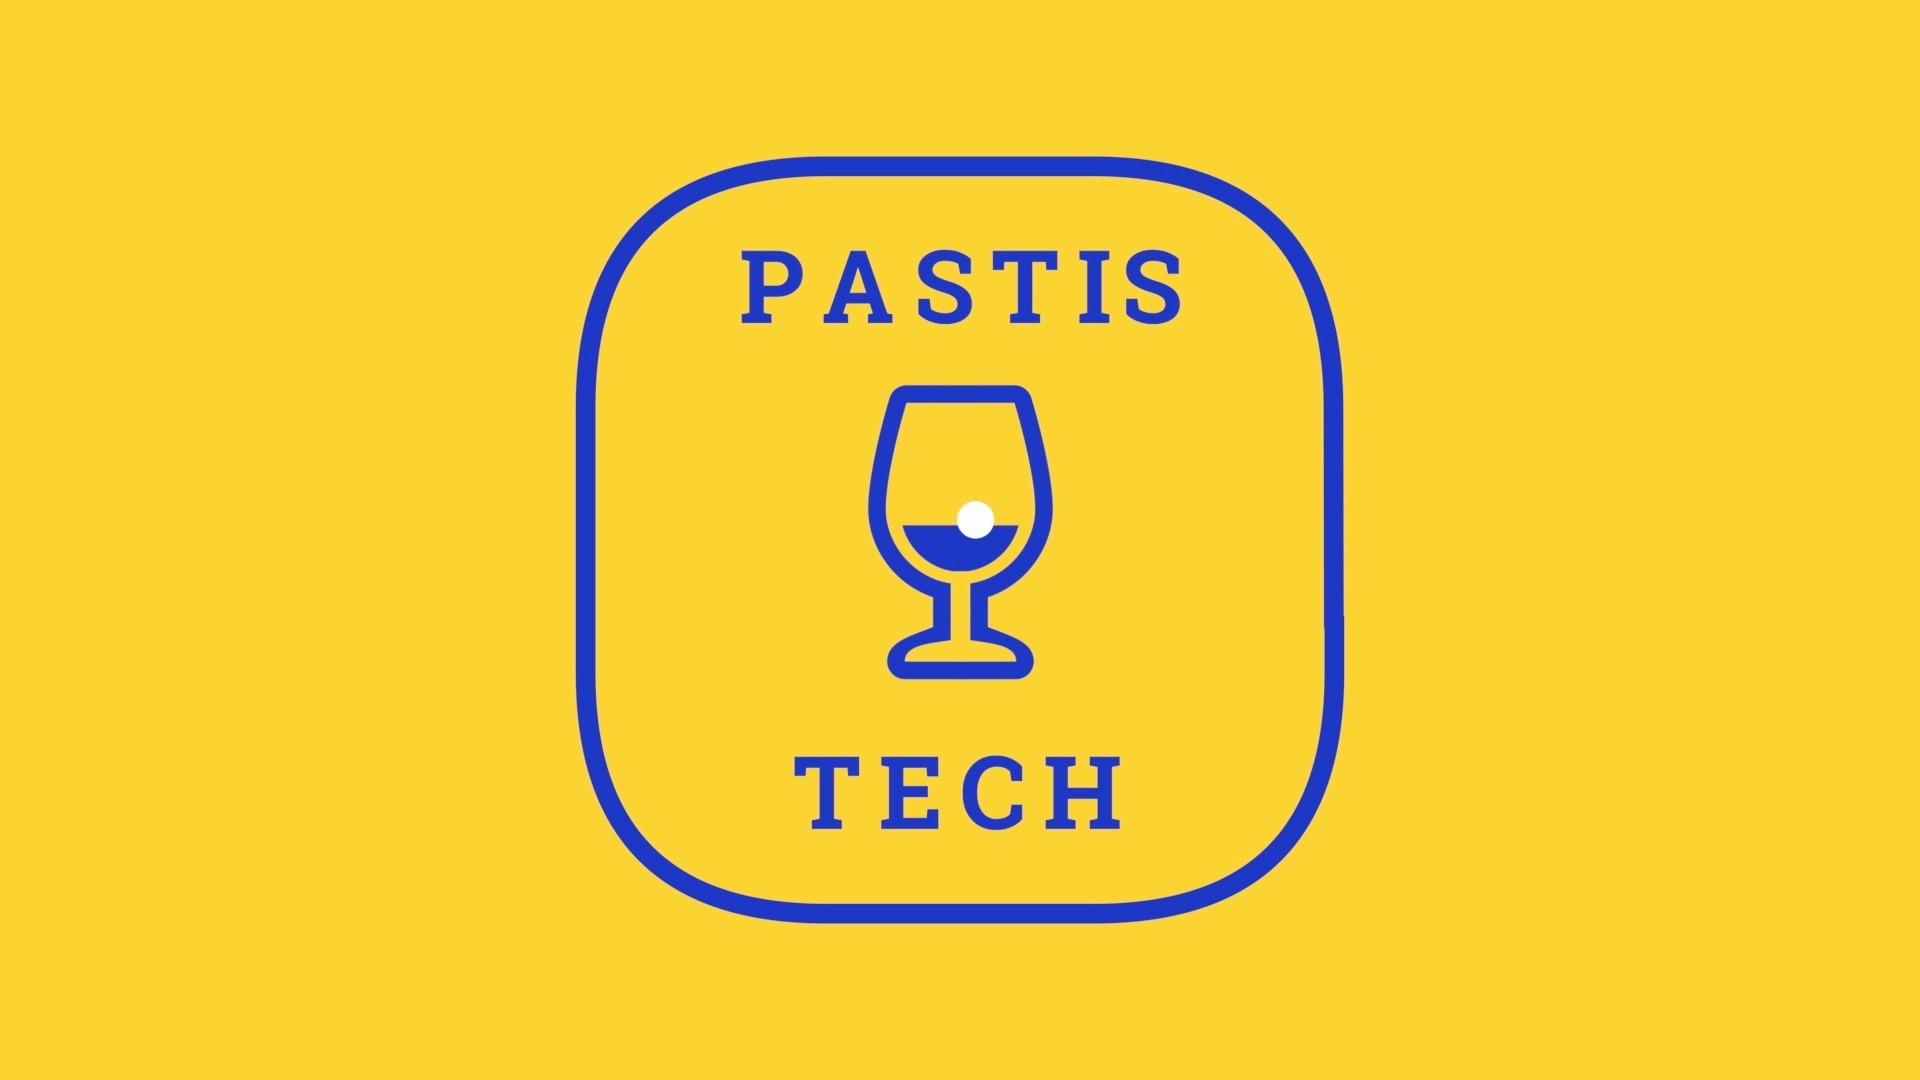 Pastis.tech